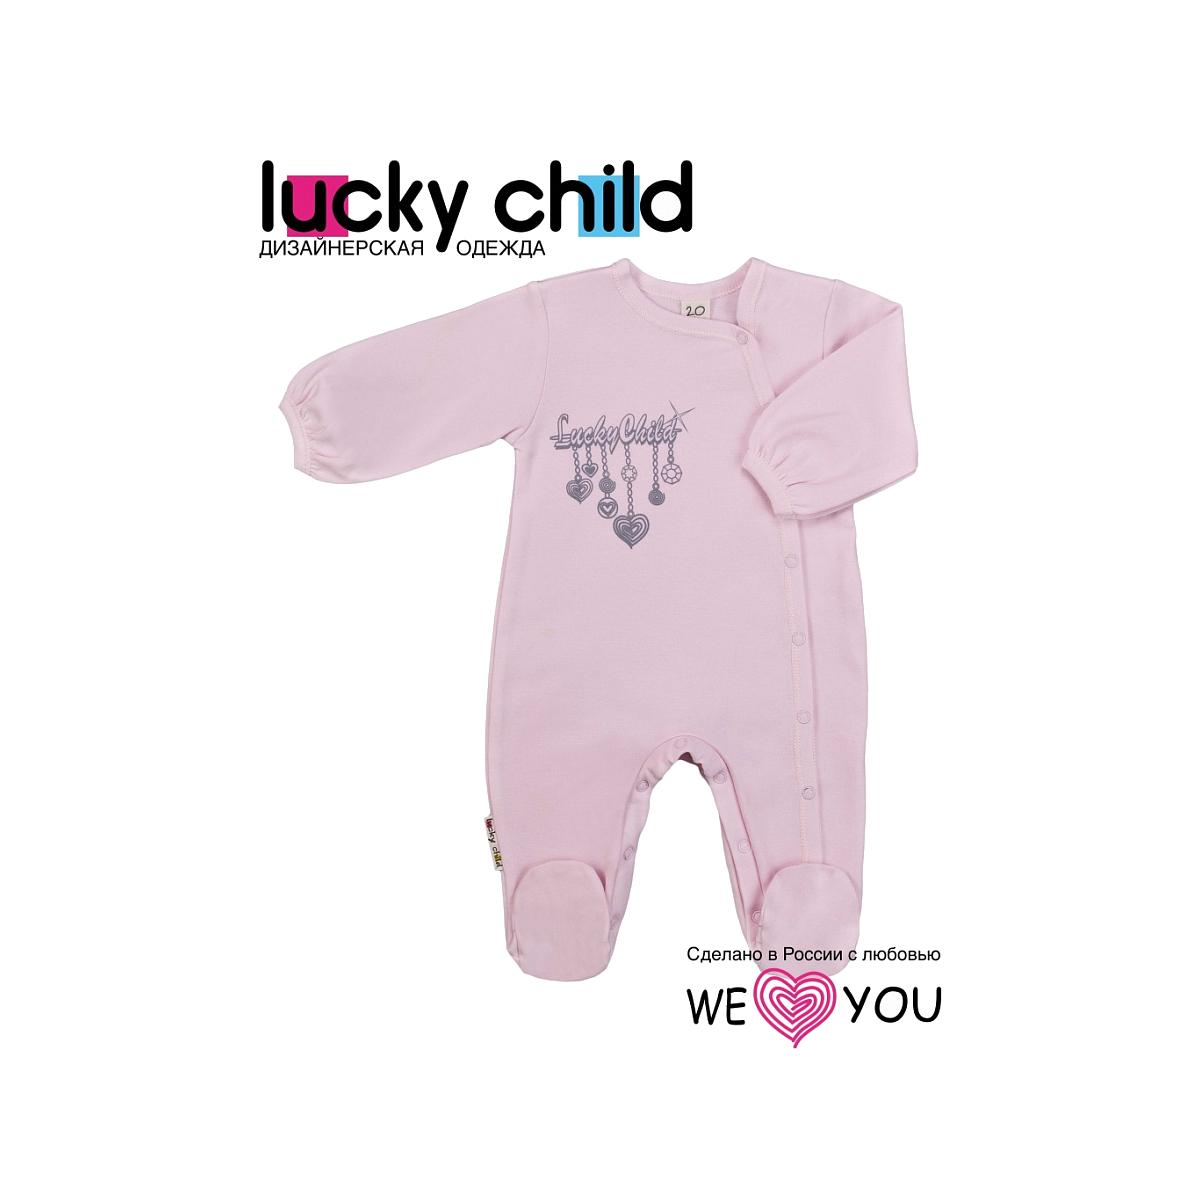 Комбинезон Lucky Child коллекция Леди Брошь Размер 74<br>